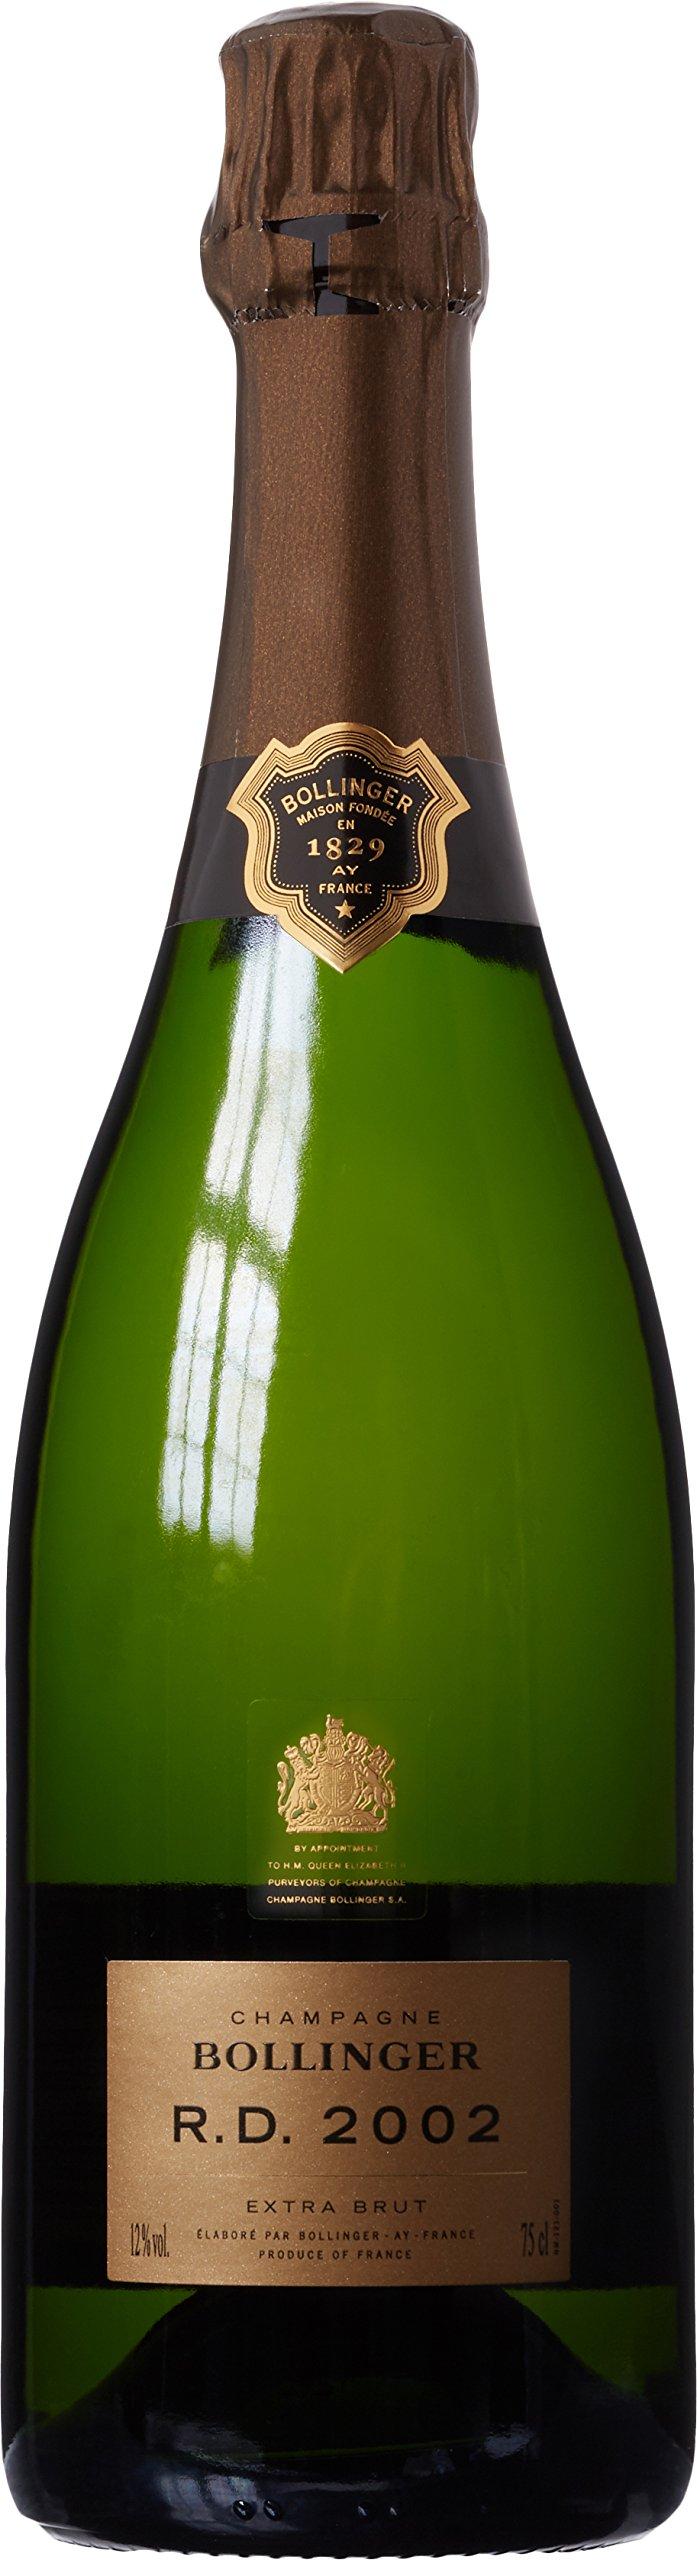 Bollinger 2002 R. D. Vintage Extra Brut Champagne, 75 cl